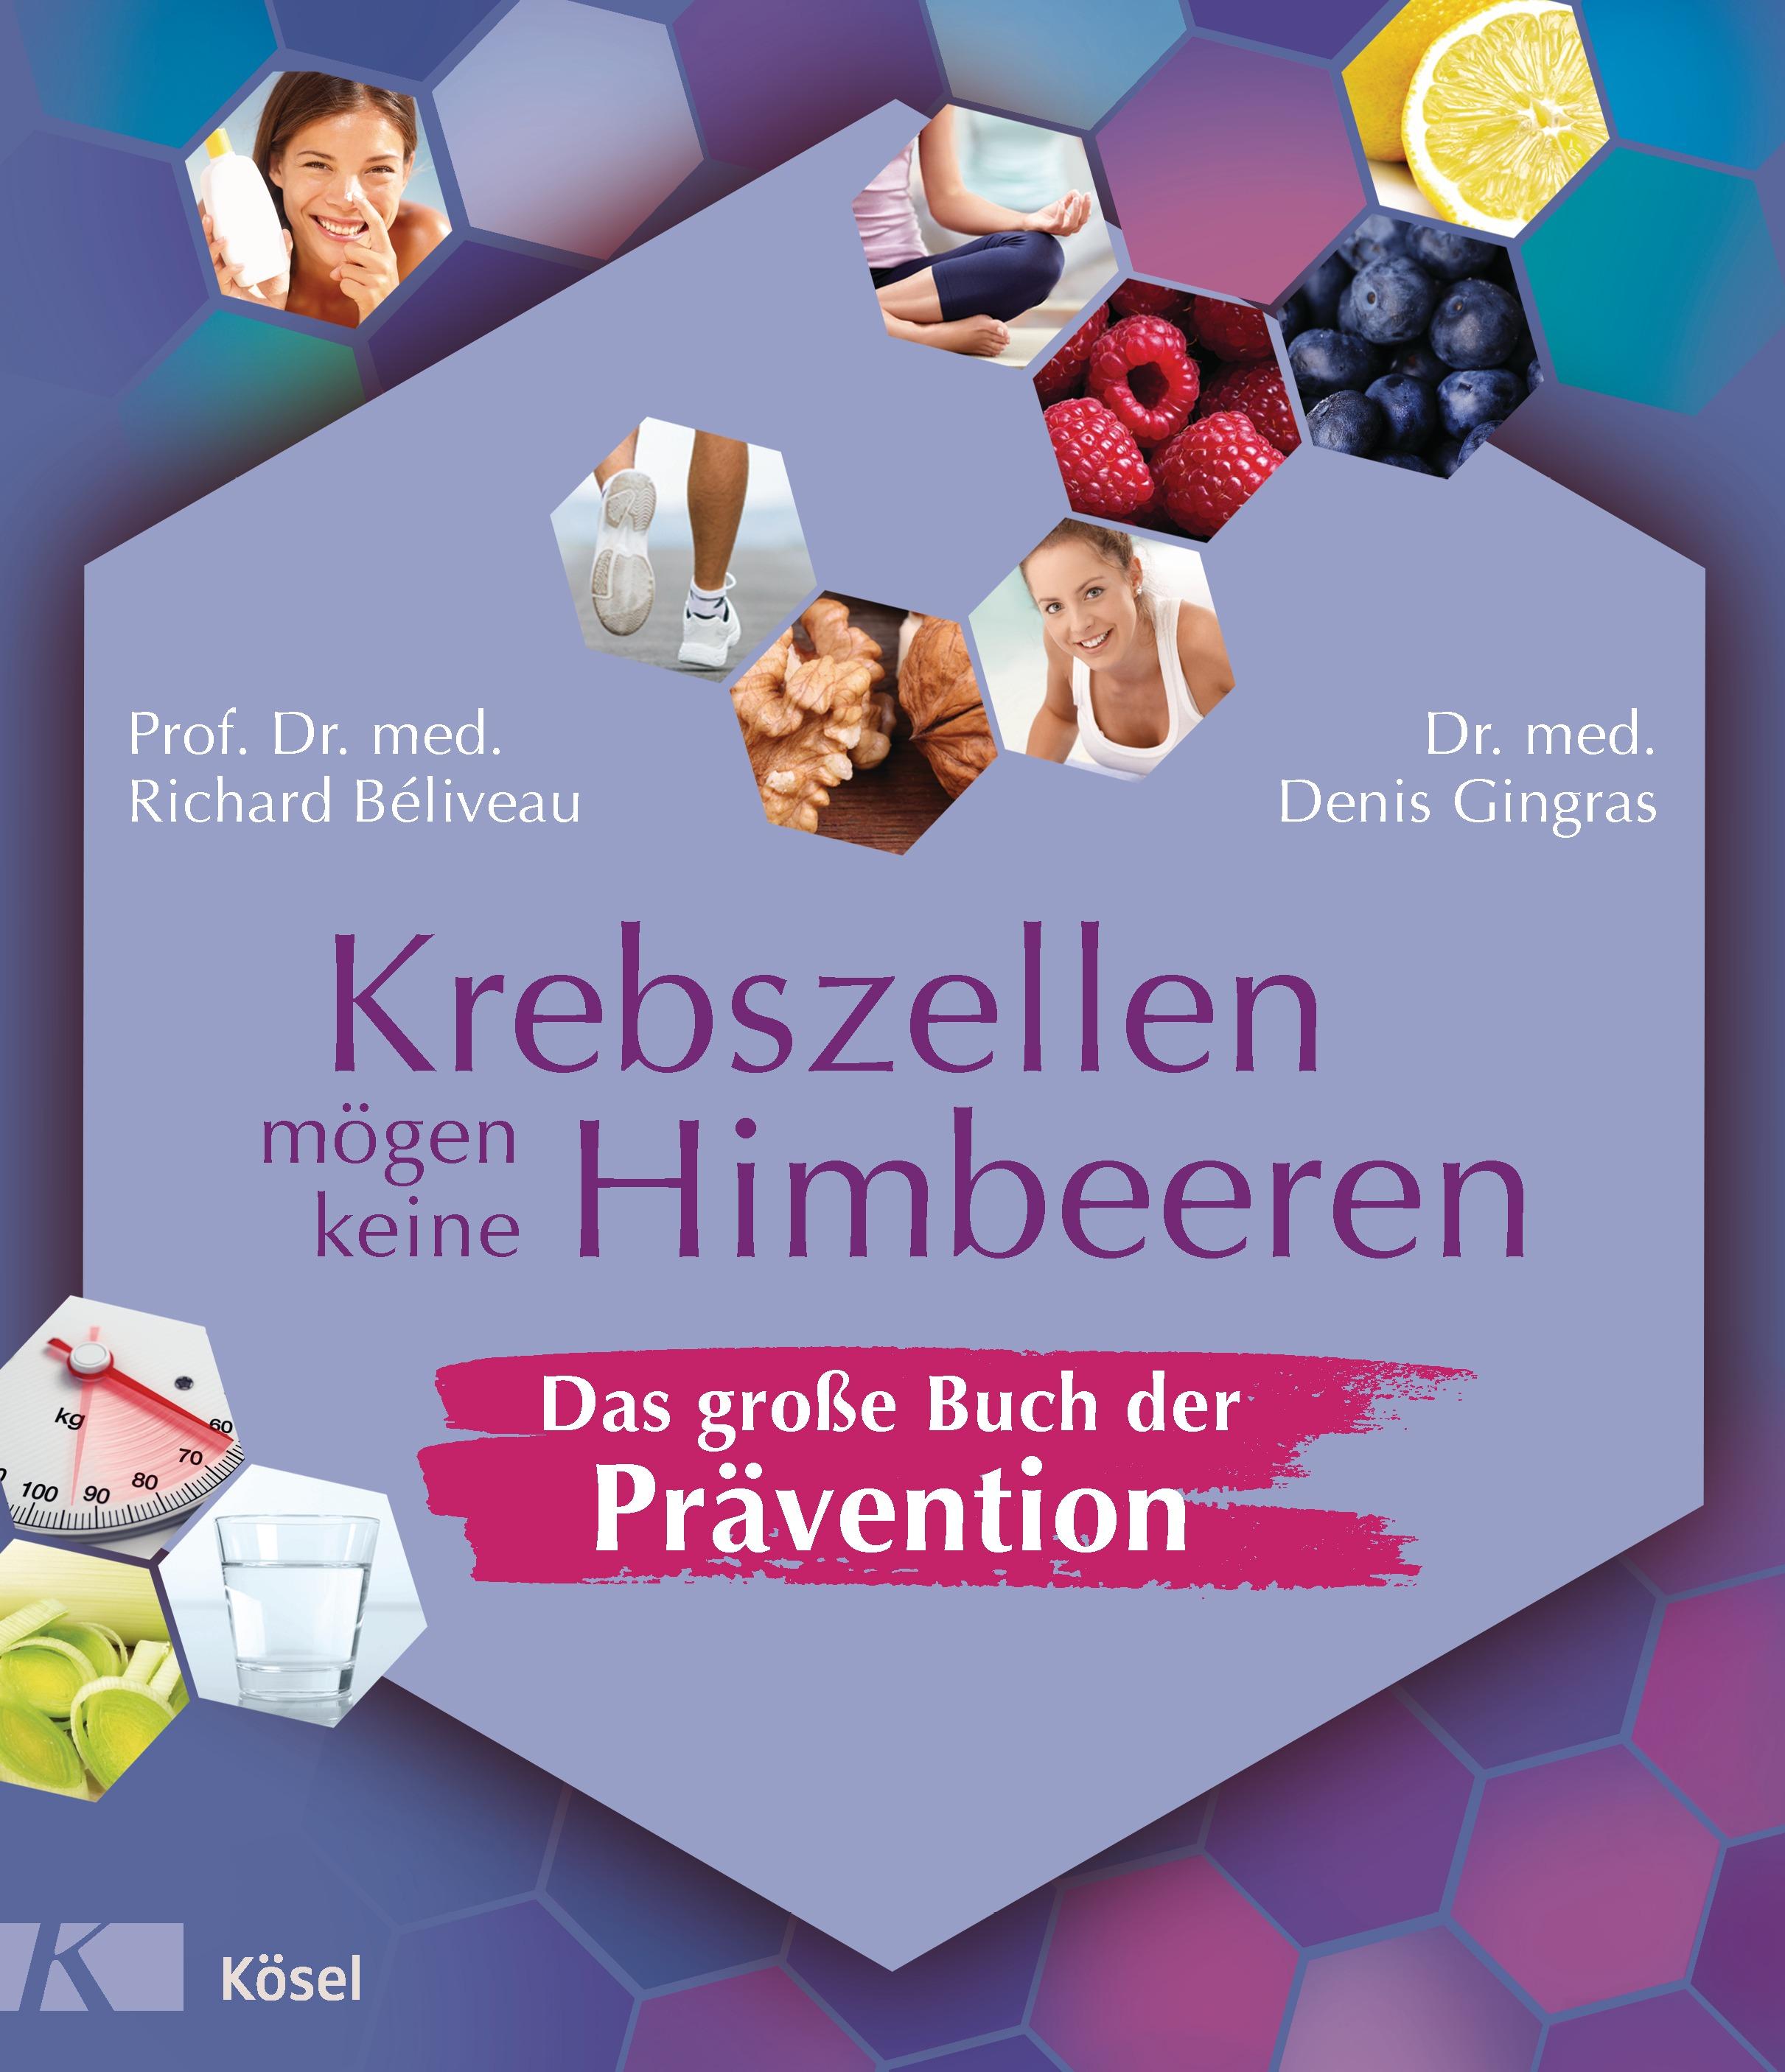 Krebszellen mögen keine Himbeeren - das große Buch der Prävention - Richard Béliveau